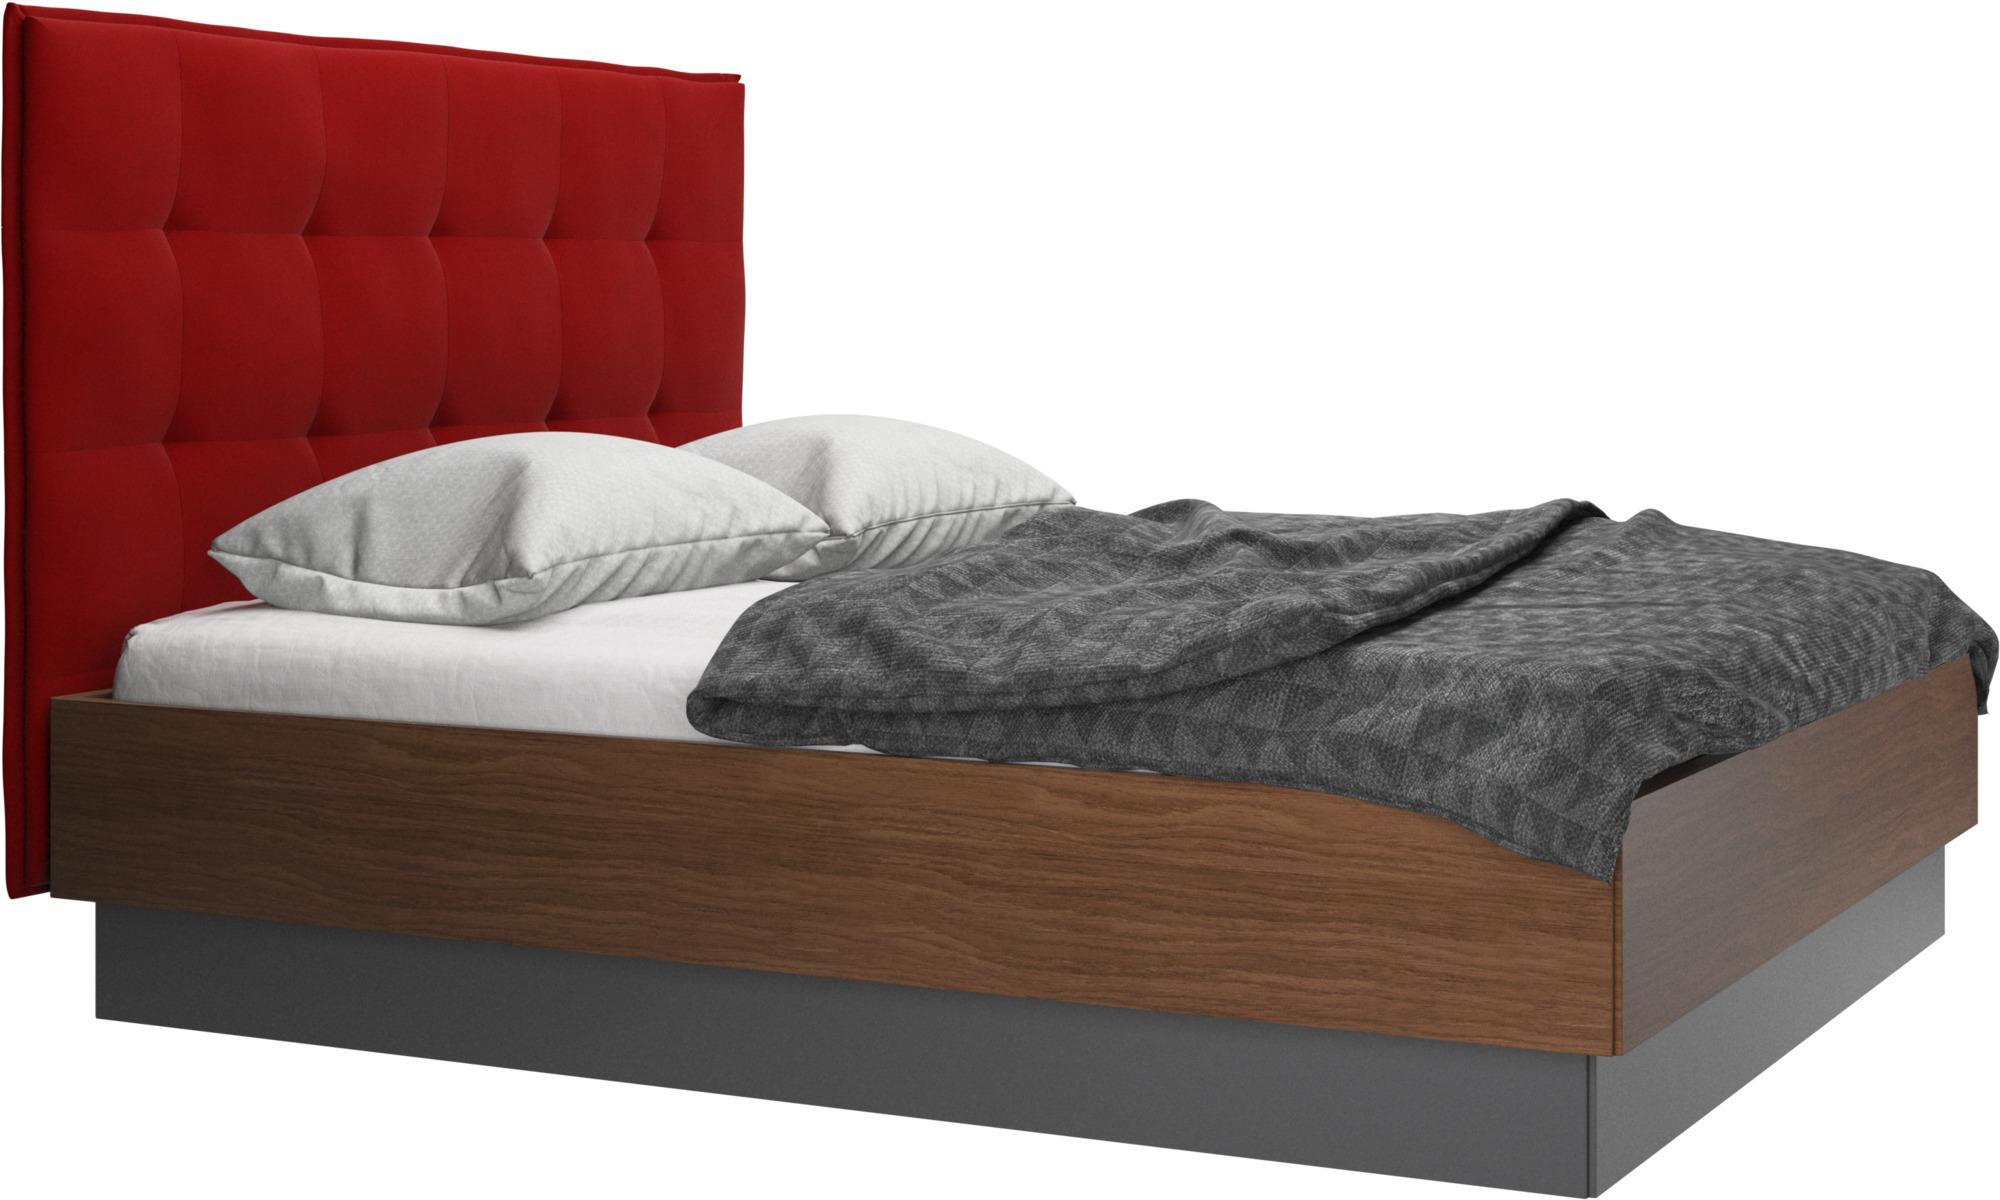 Camas - Cama con canapé Lugano, estructura elevable y tablado, no incluye colchón - Rojo - Tela